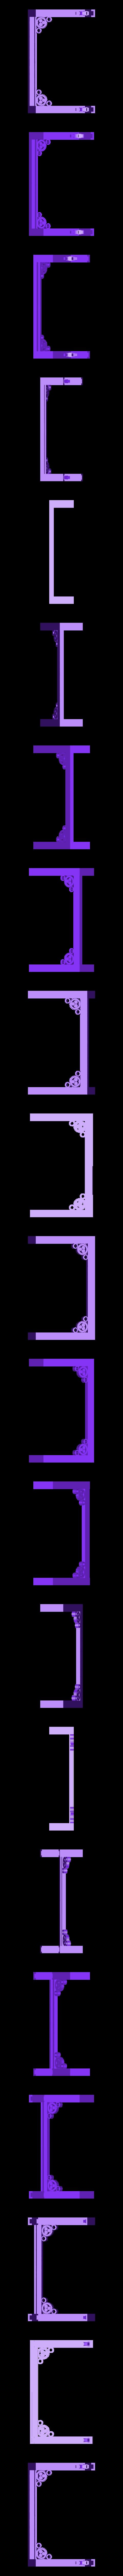 sub_arch1.stl Télécharger fichier STL gratuit Ripper's London - Les égouts • Design pour imprimante 3D, Earsling